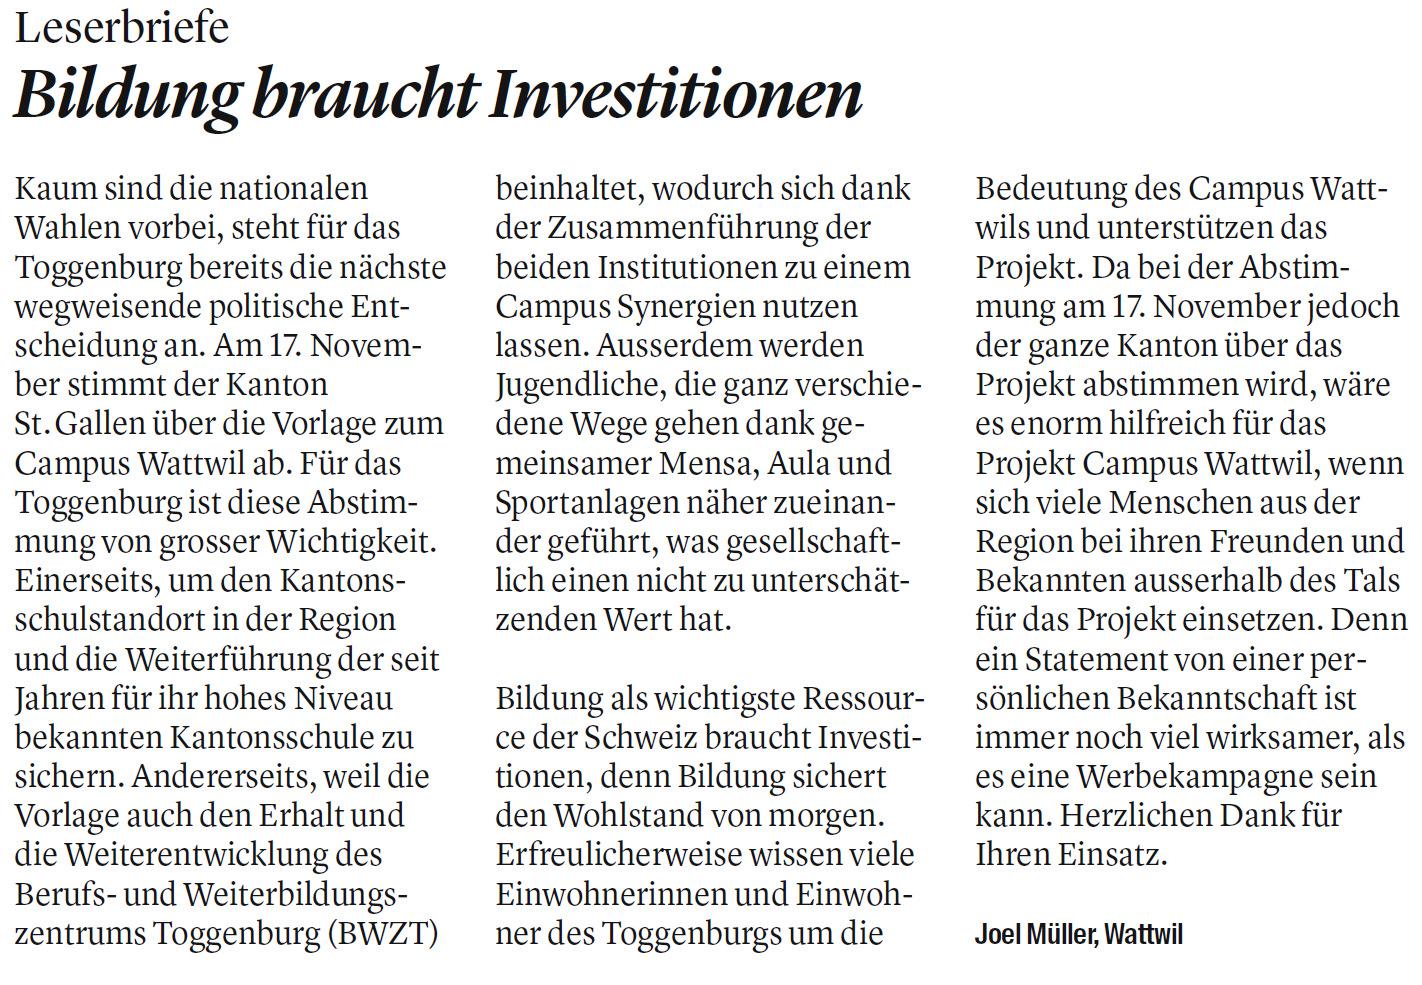 Leserbrief: Bildung braucht Investitionen (Donnerstag, 31.10.2019)